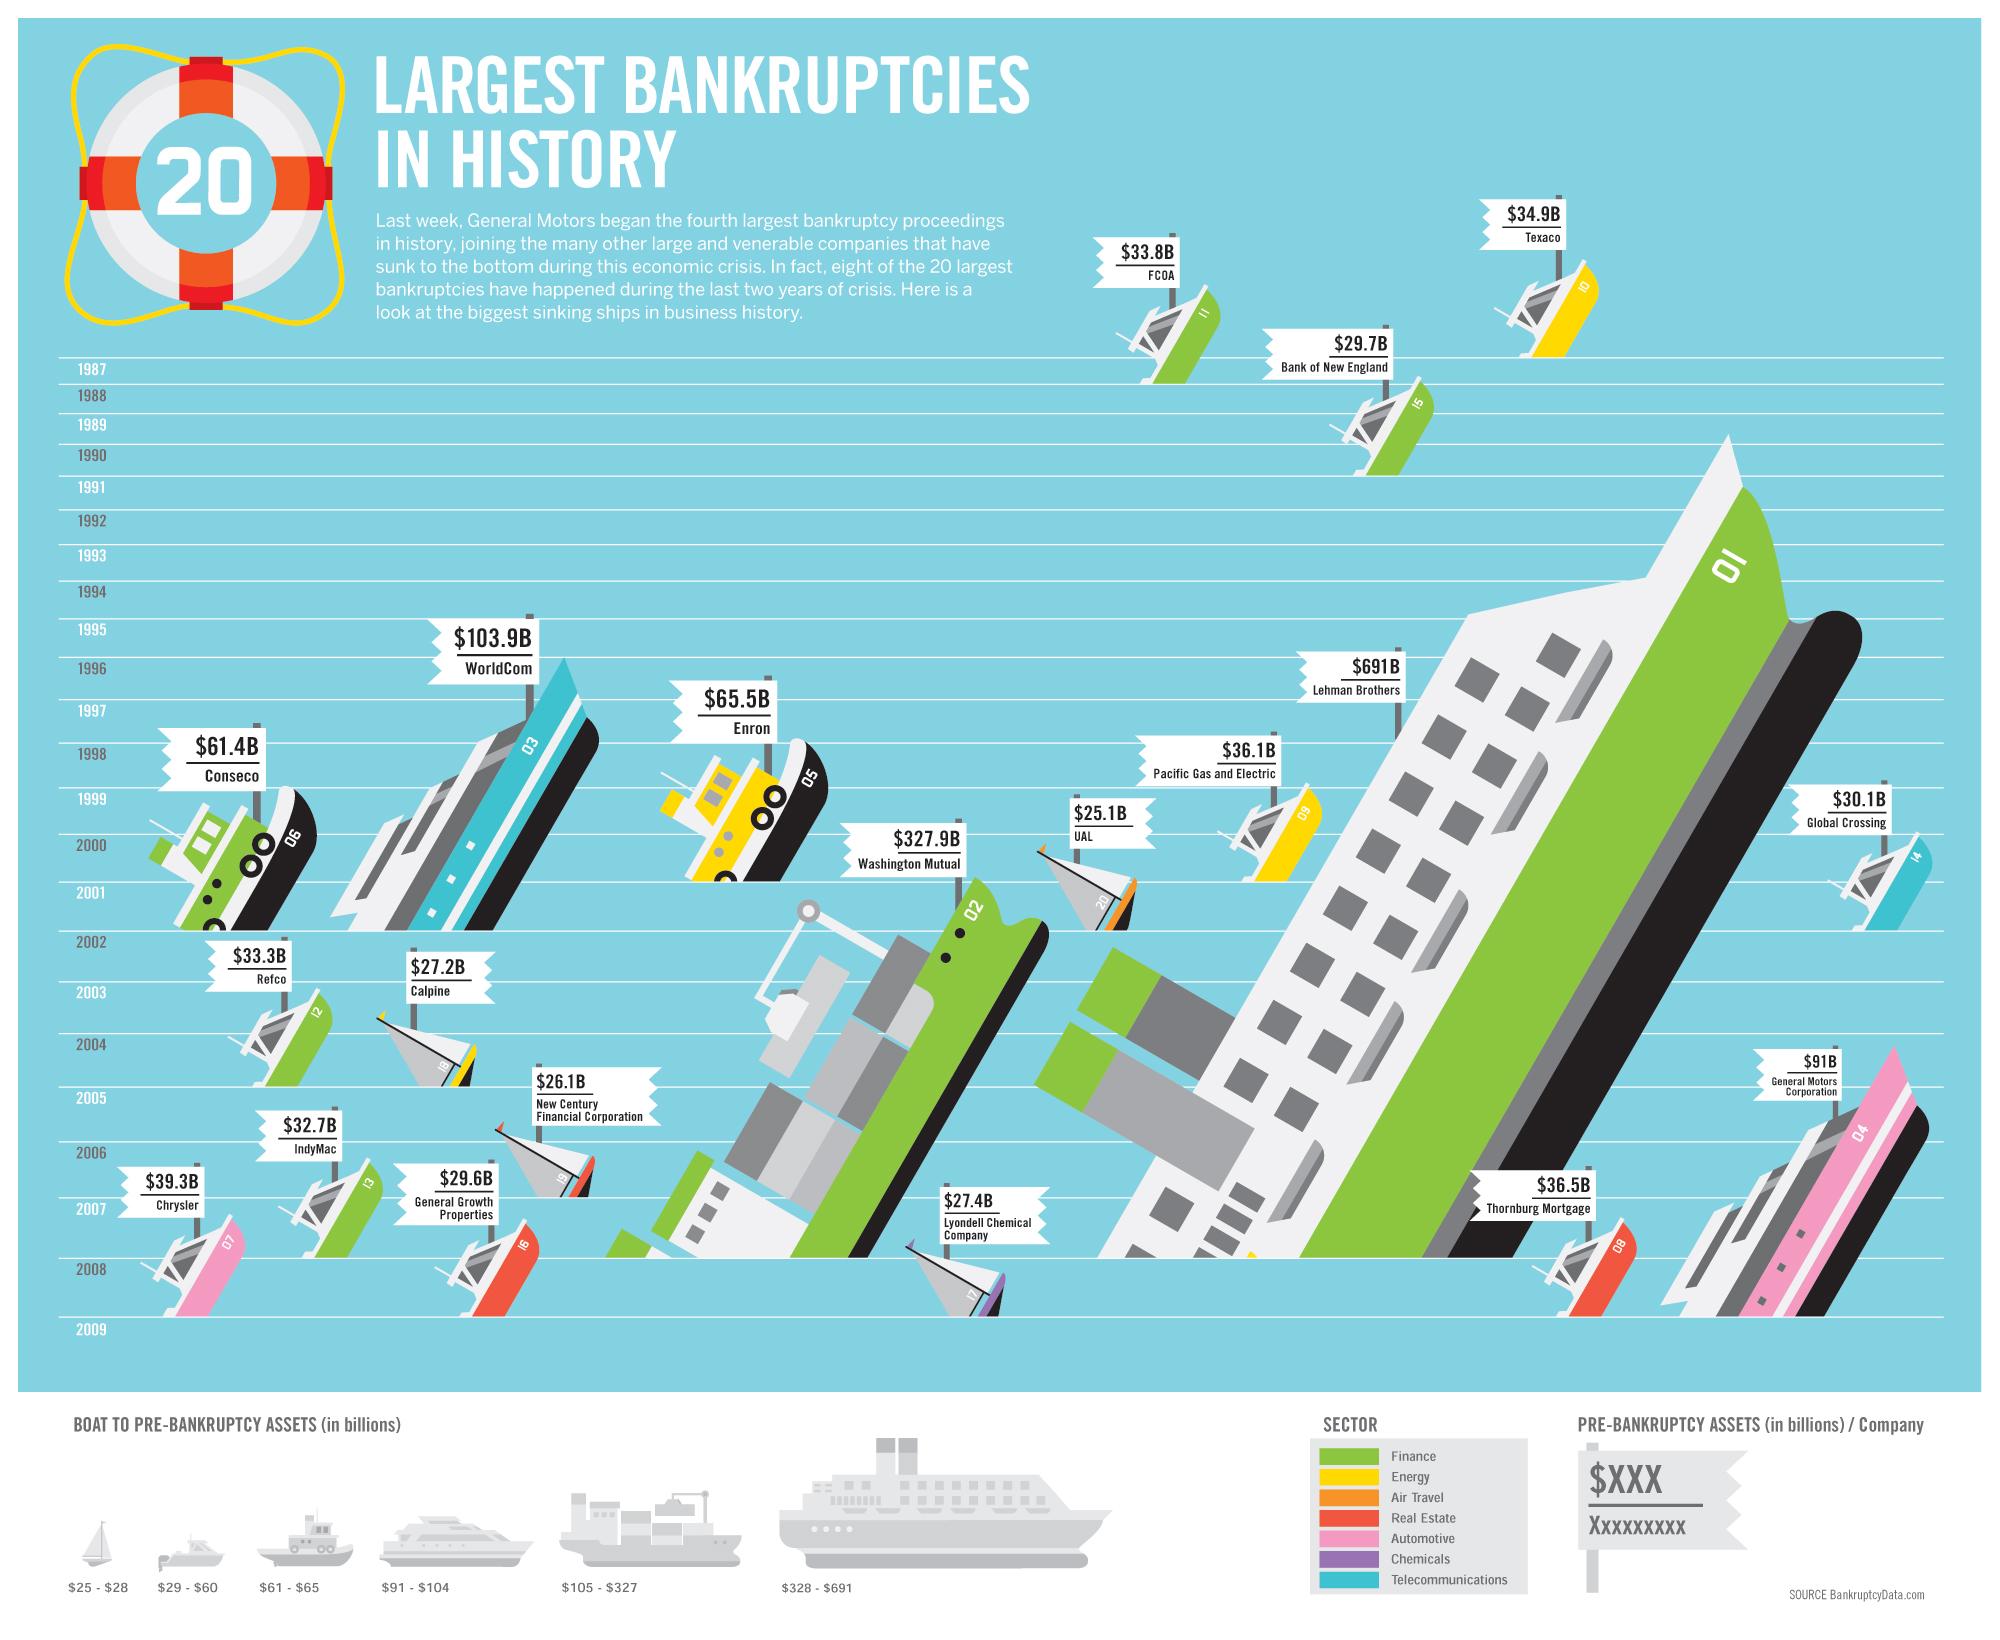 Largest Bankruptcies